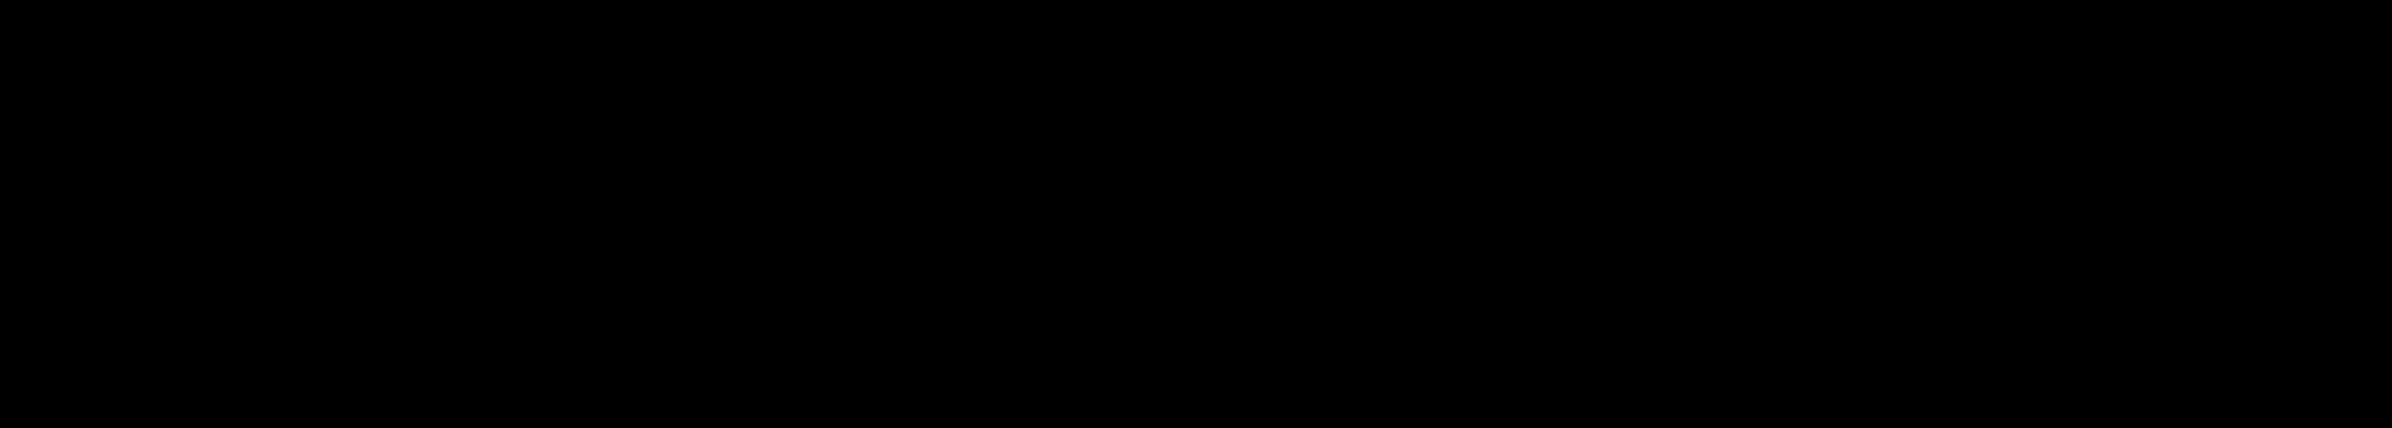 congrav